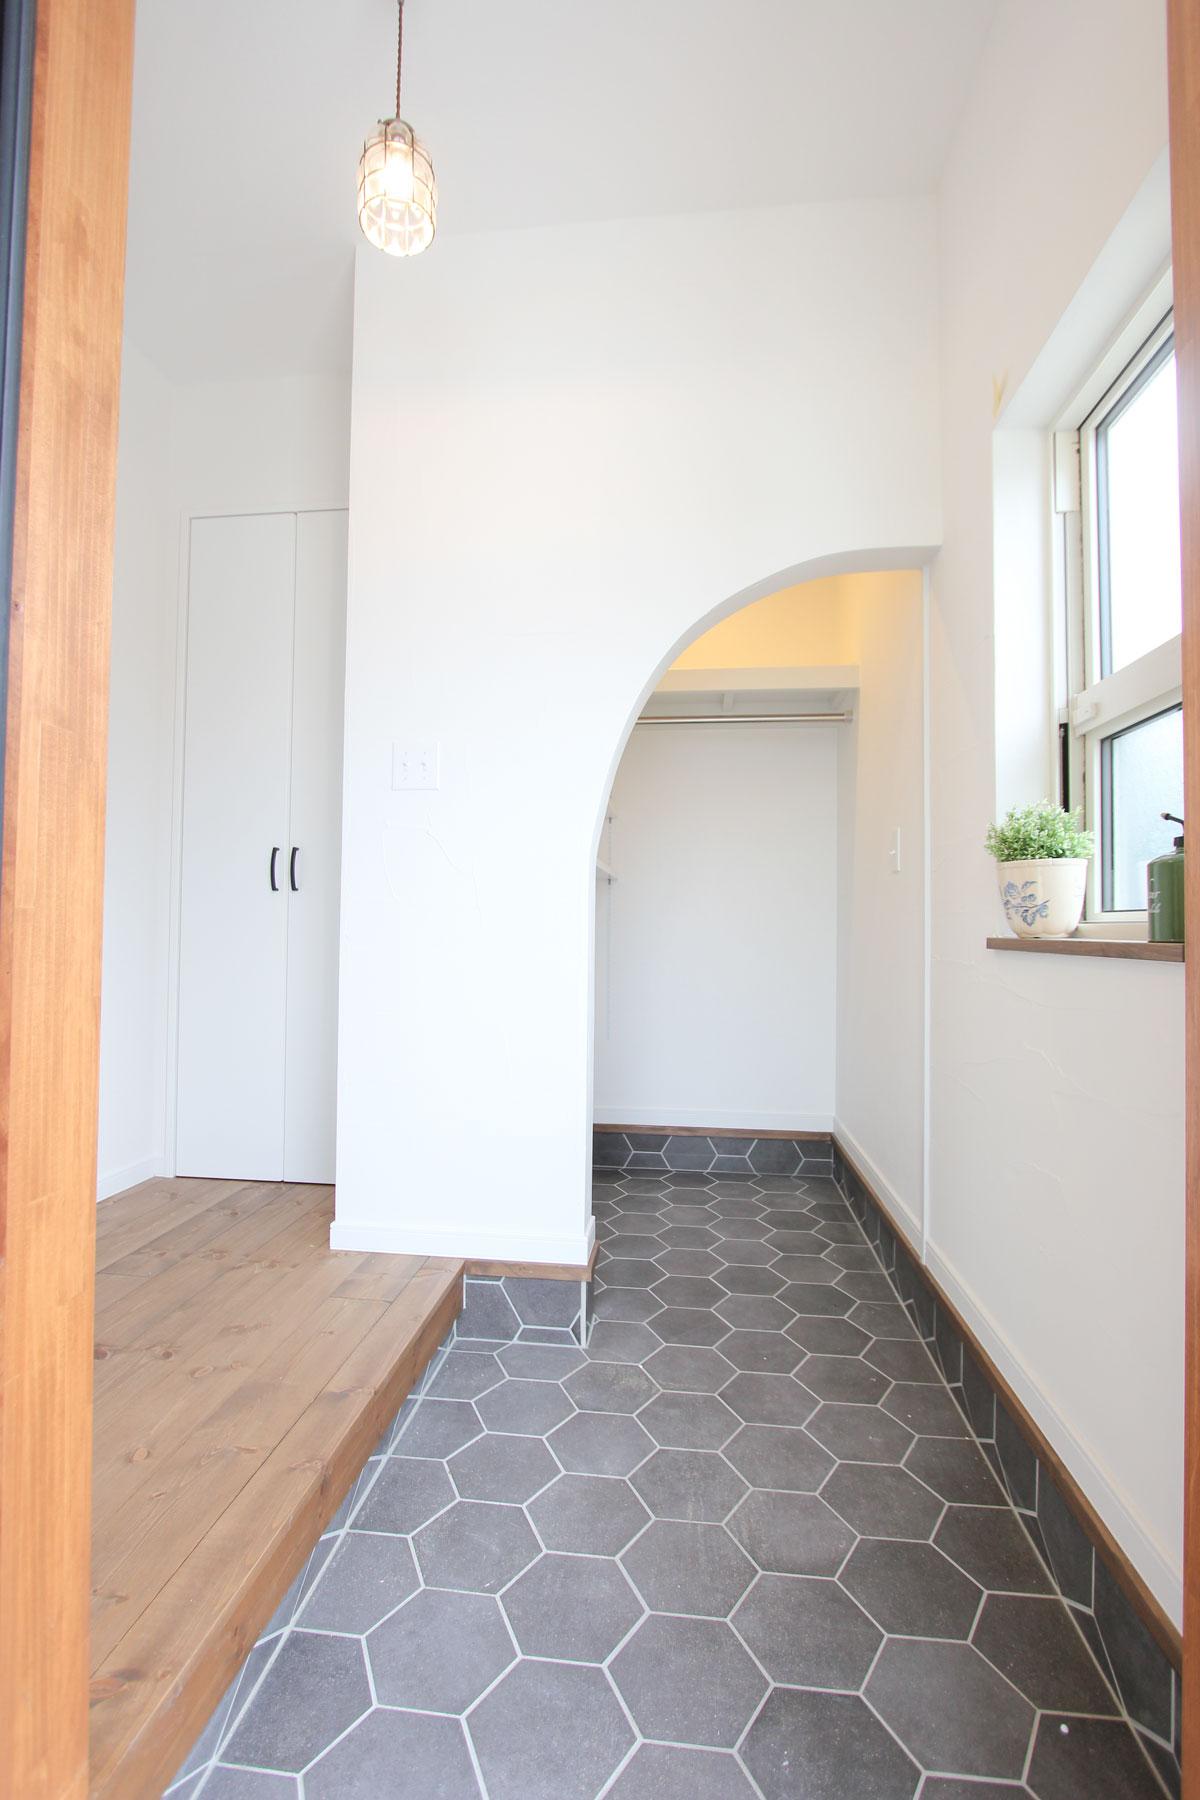 アウトドア用品も収納できるかわいいスペース